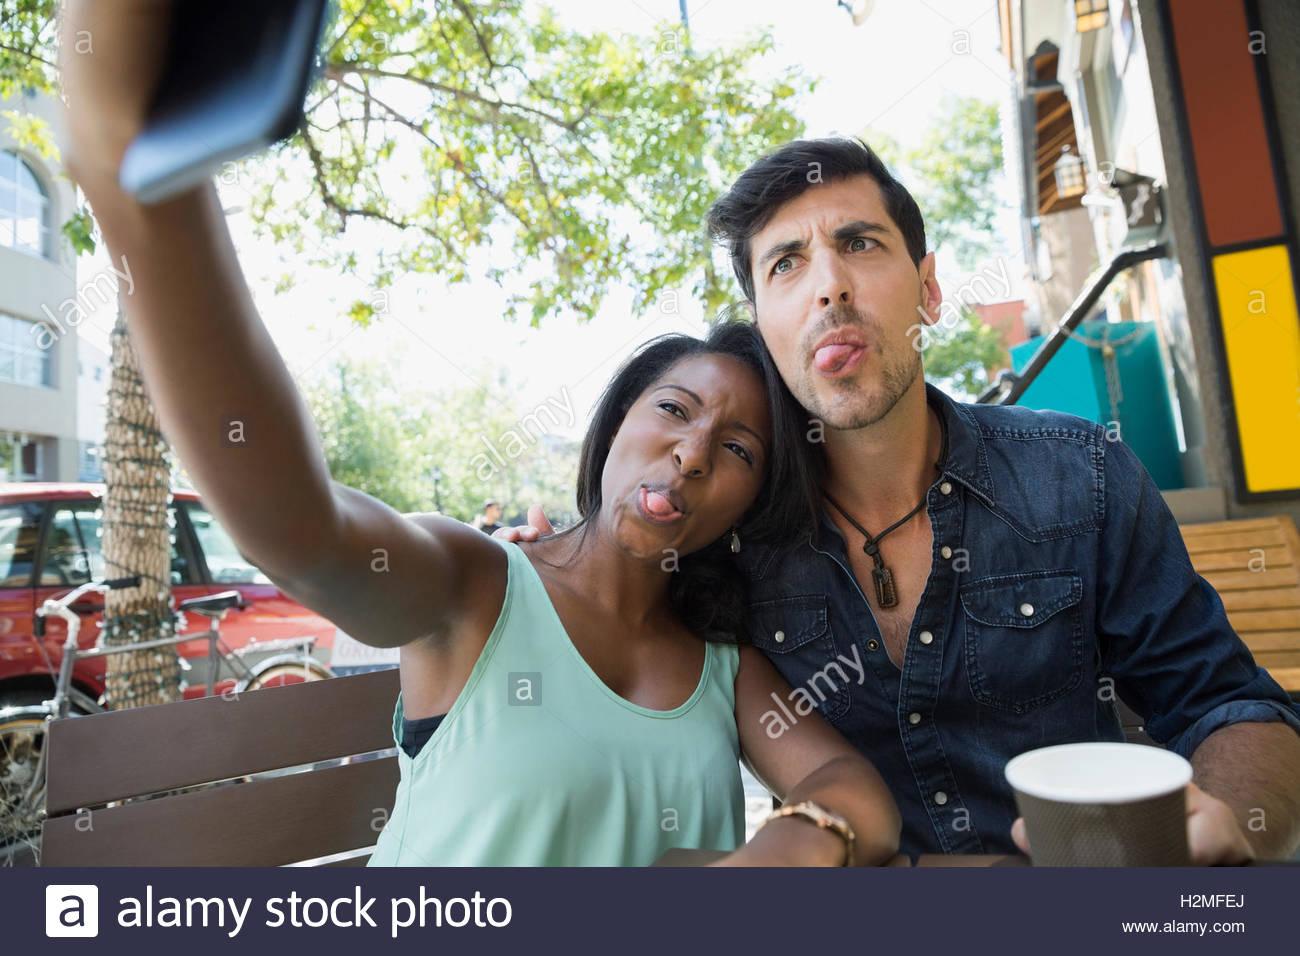 Giocoso giovane rendendo silly volti e tenendo selfie con la fotocamera del telefono al cafè sul marciapiede Immagini Stock